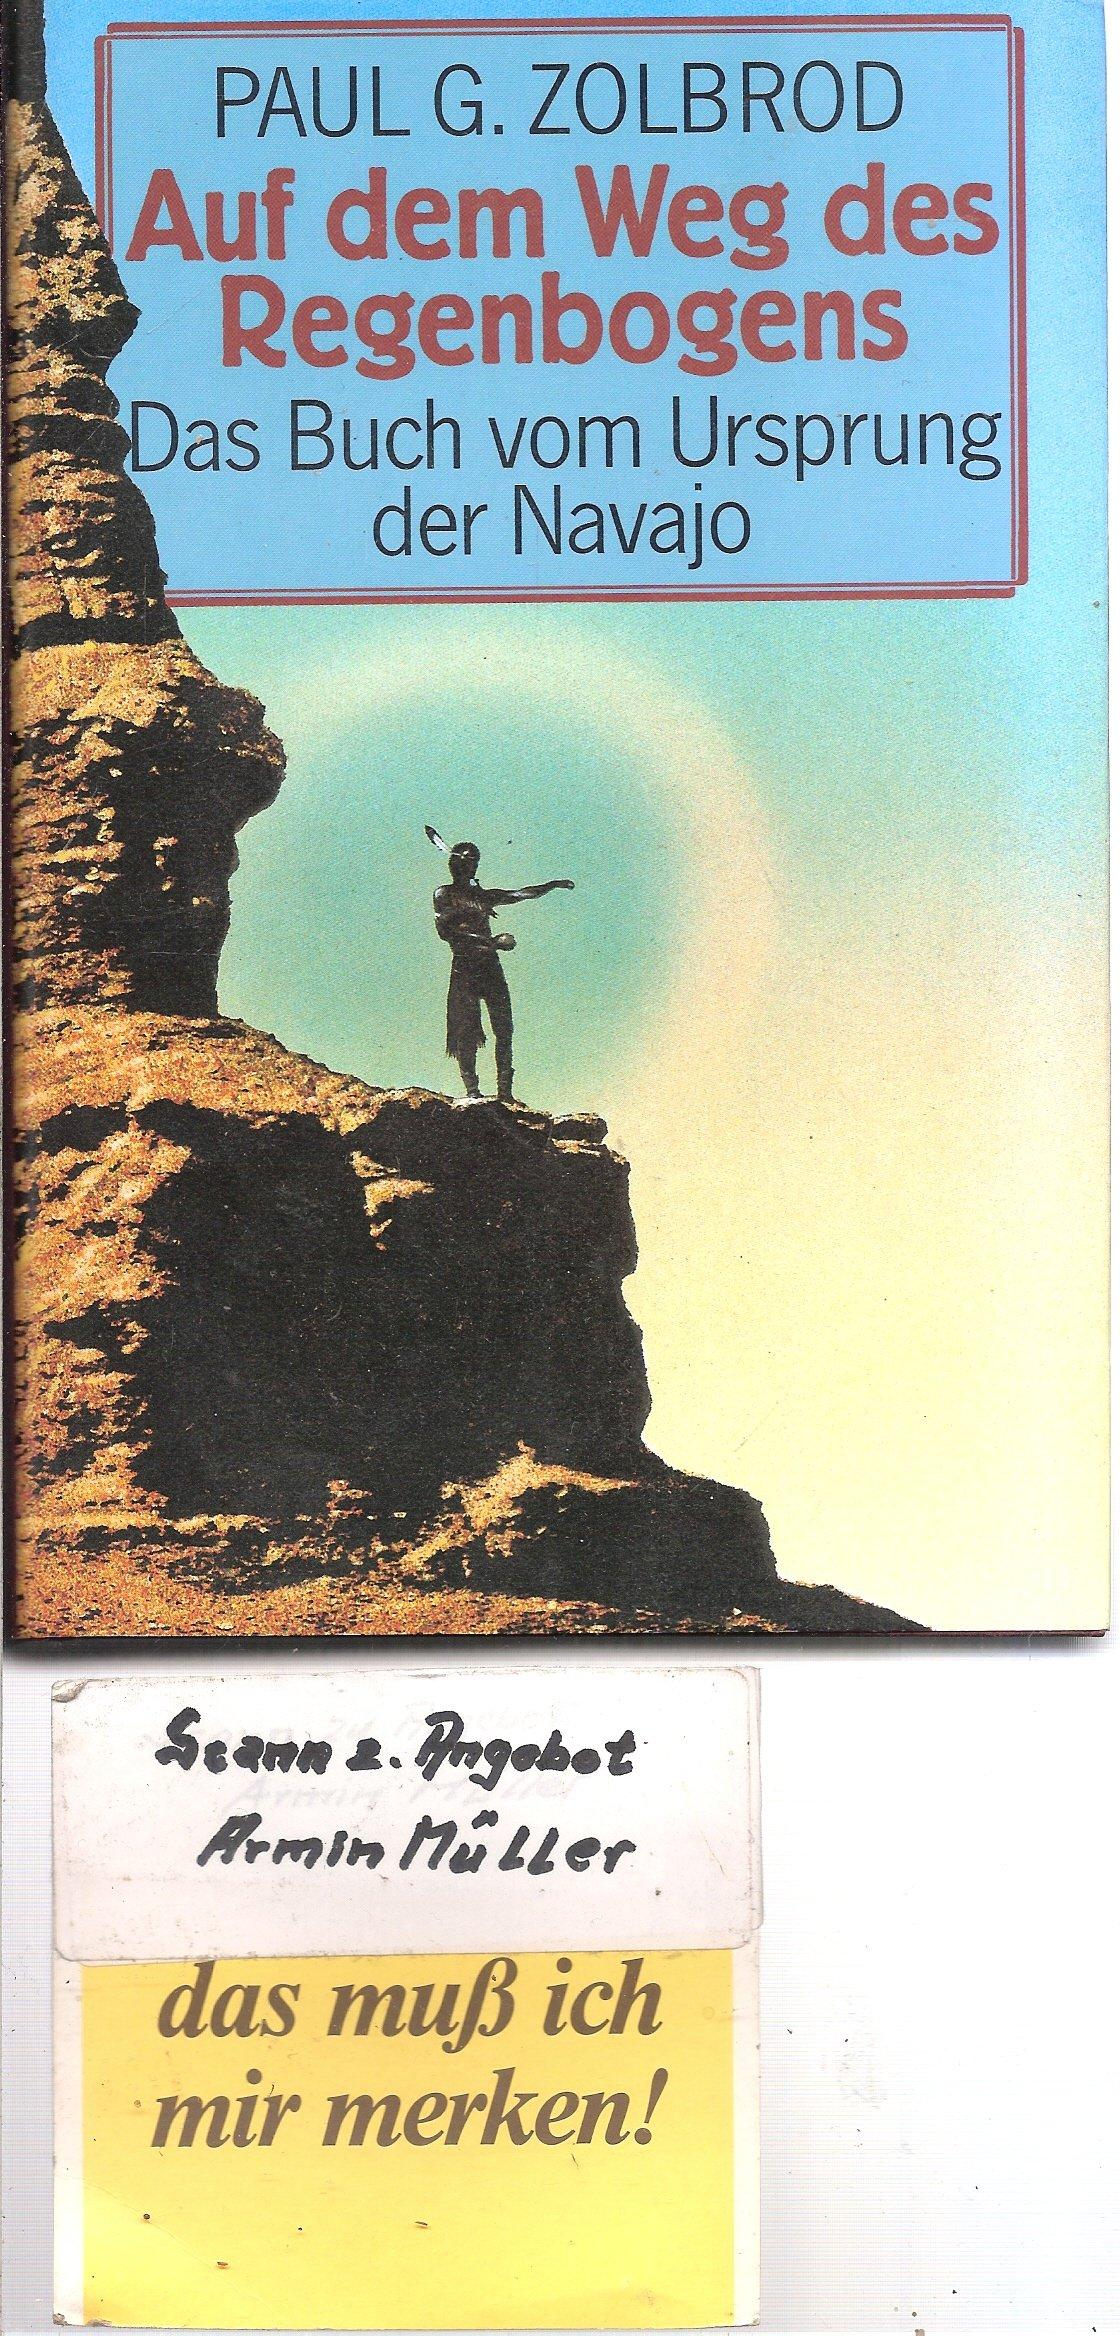 Auf dem Weg des Regenbogens. Das Buch vom Ursprung der Navajo